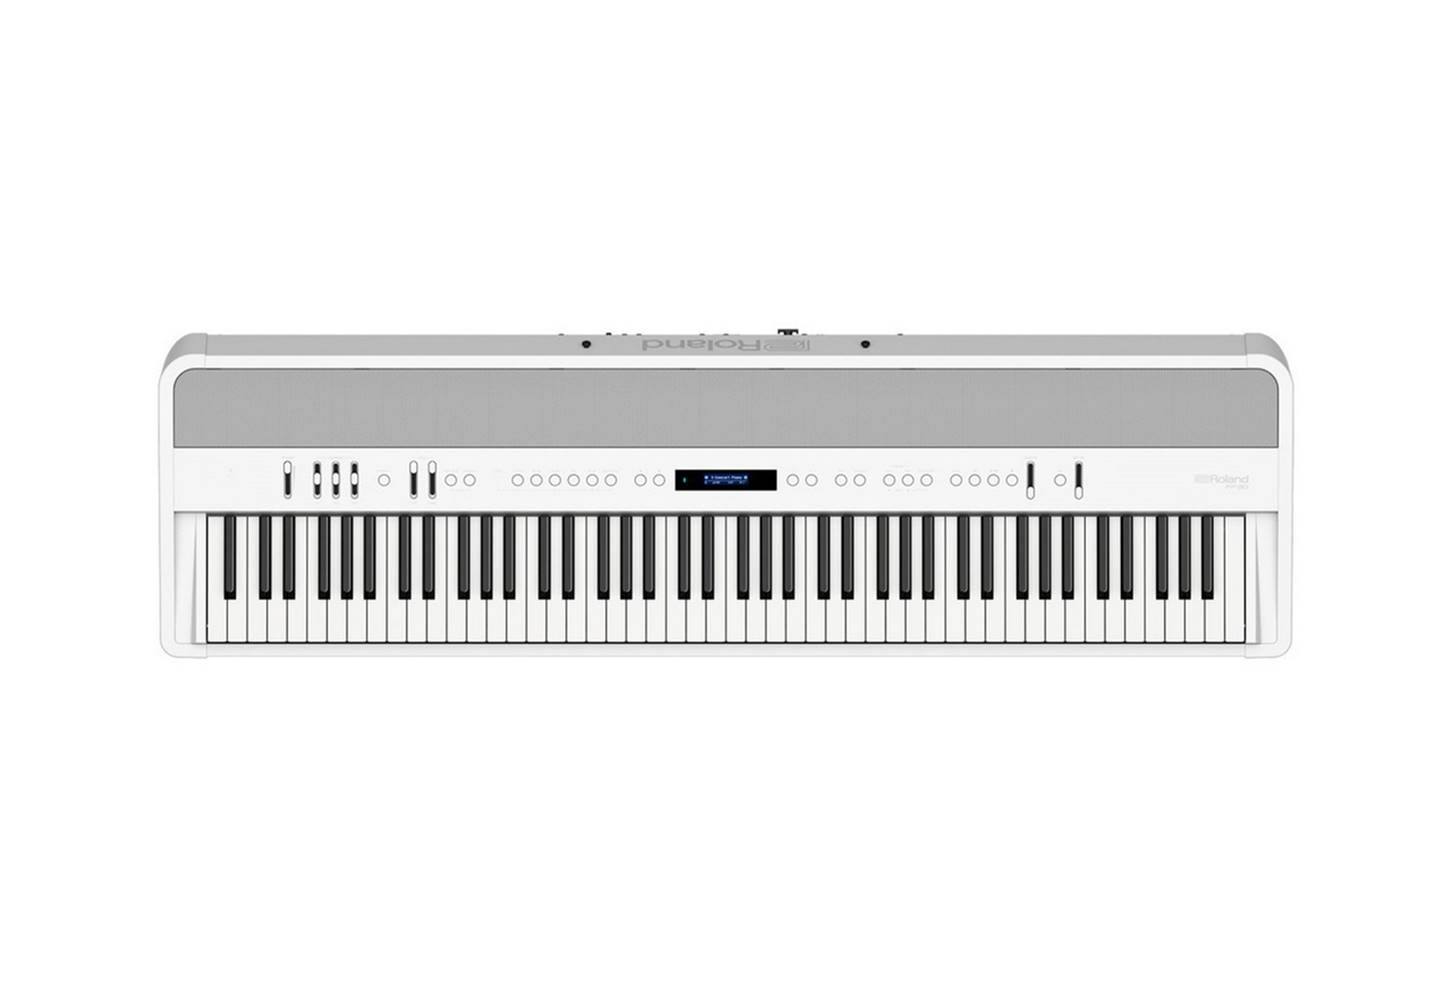 Roland Digital Piano 88 Key Keyboard